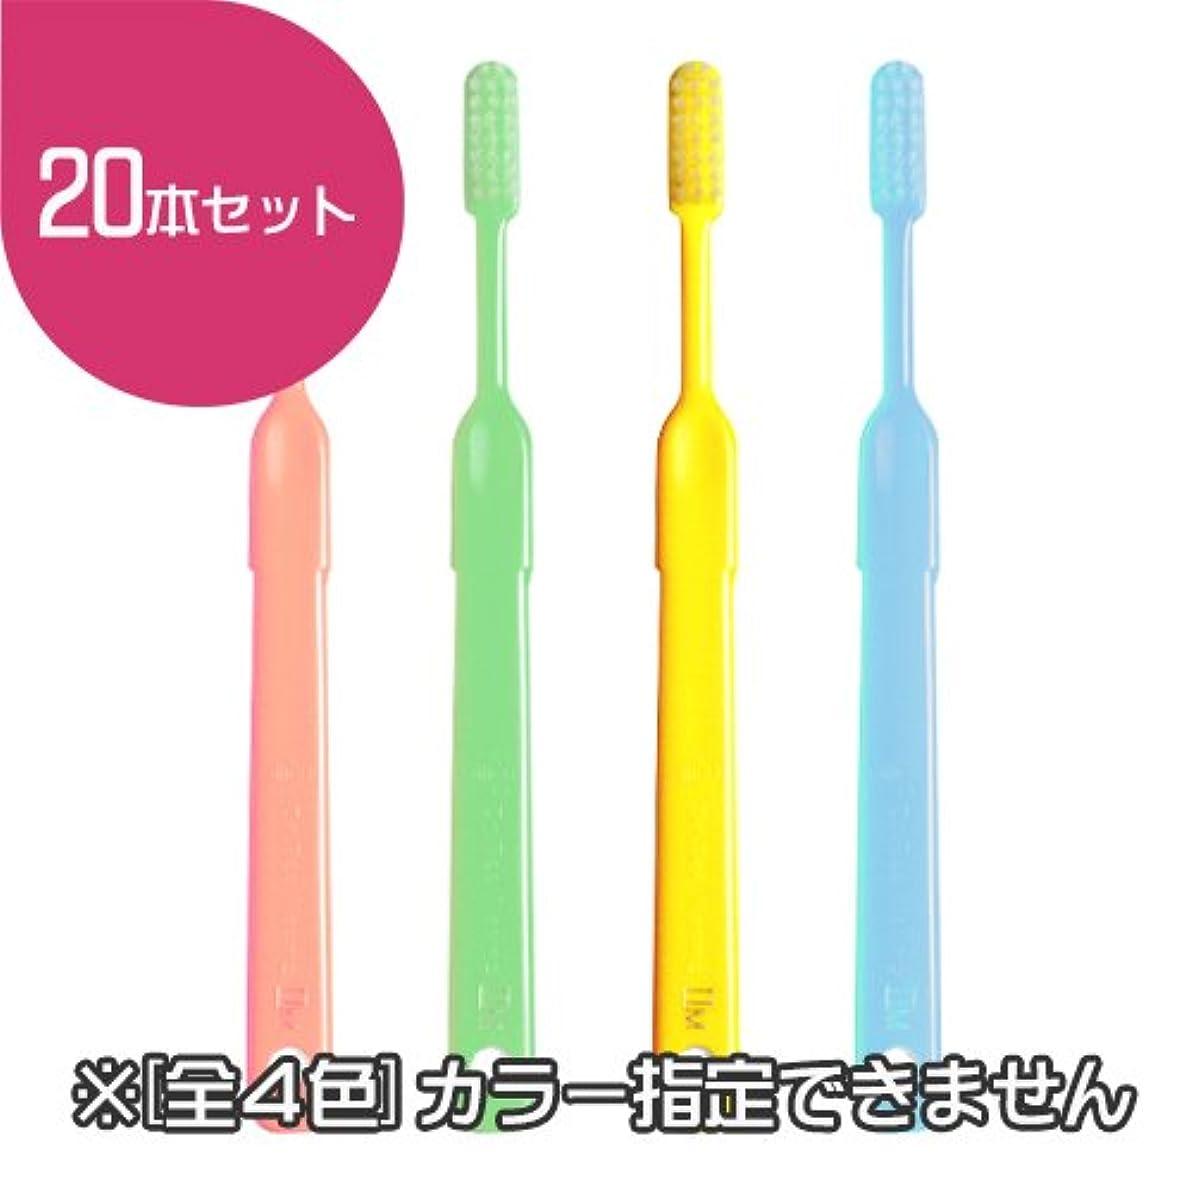 陰気意義前兆ビーブランド ドクター ビーヤング2 歯ブラシ 20本 (スーパーソフト)